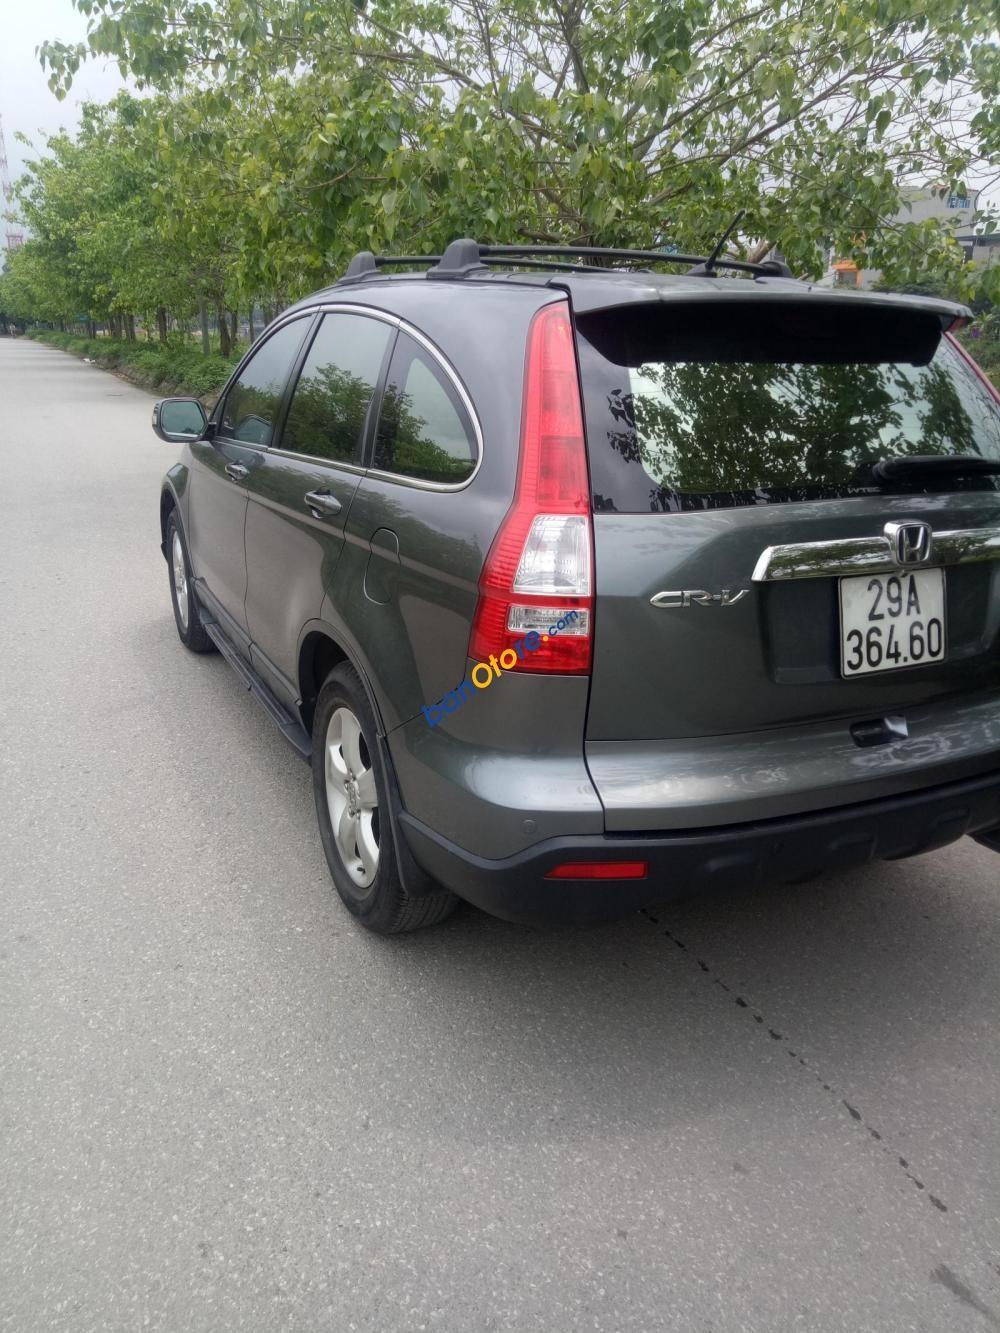 Cần bán Honda CR V 2.0 năm 2009, màu xám, nhập khẩu